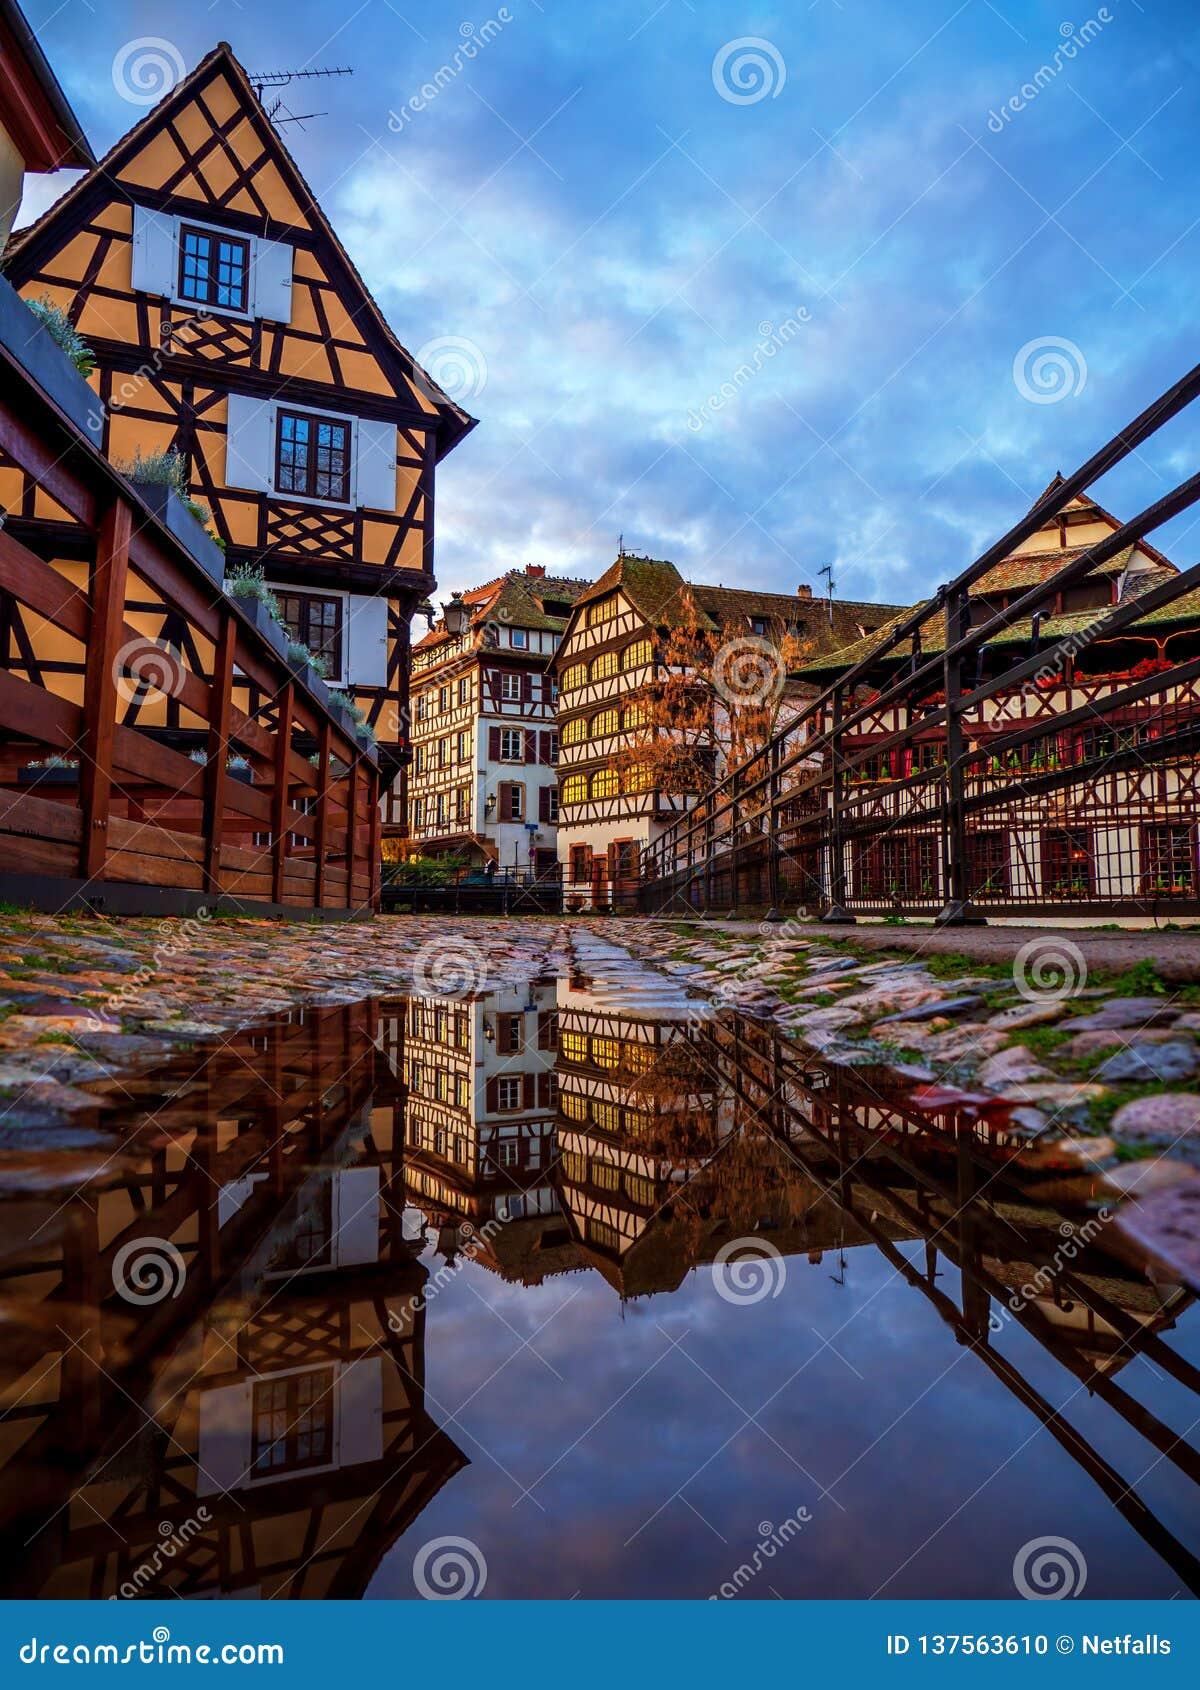 Petite France område i Strasbourg